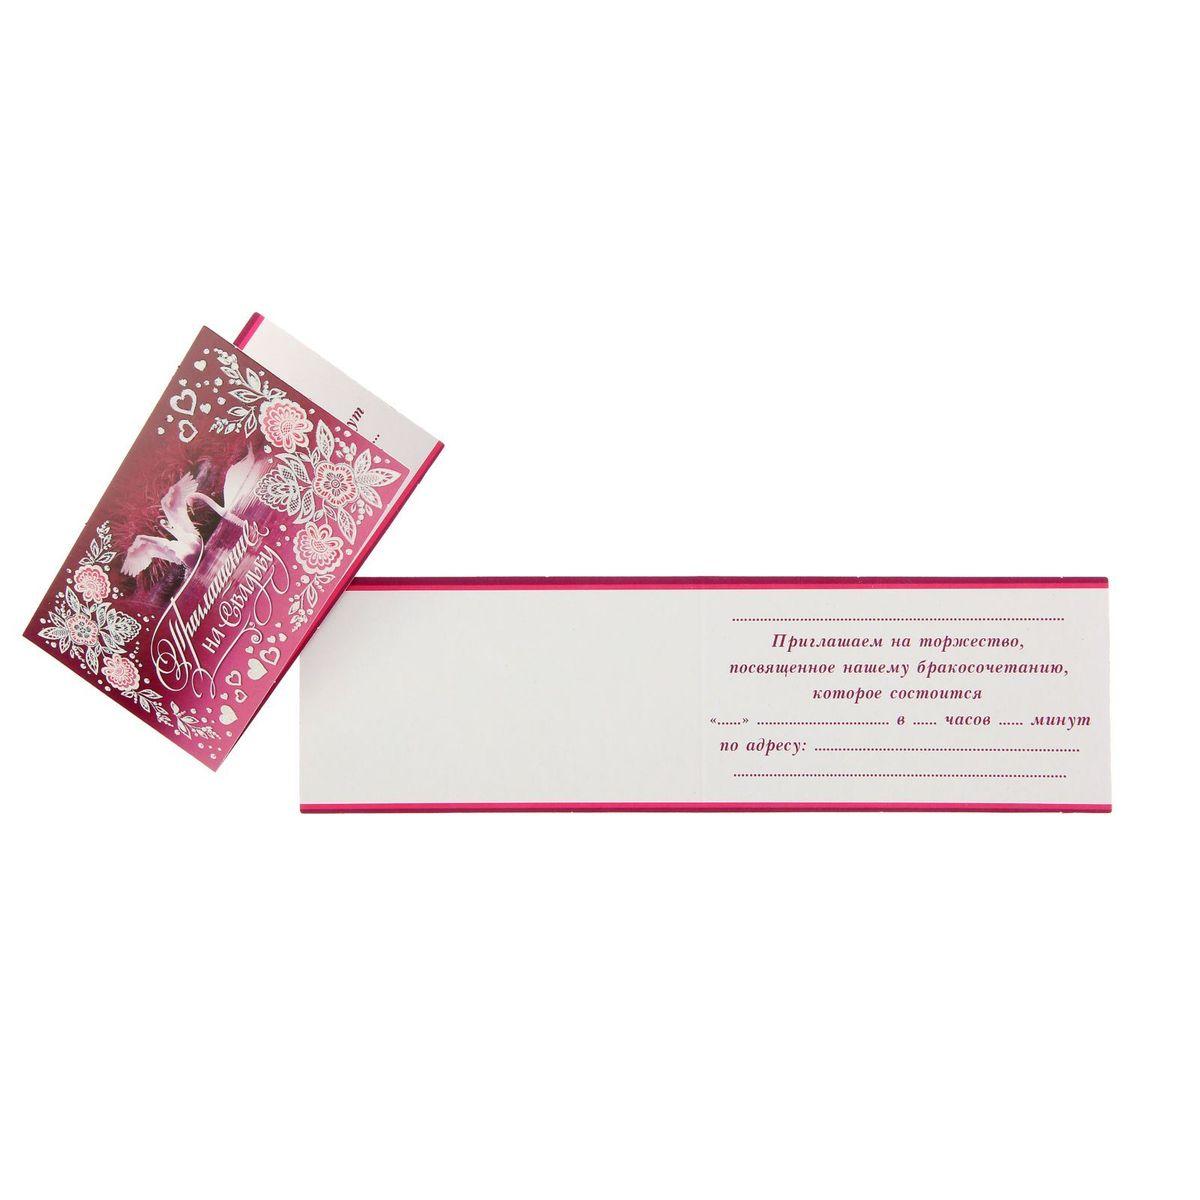 Приглашение на свадьбу Мир открыток Лебеди1197890Приглашение на свадьбу Мир открыток Лебеди, выполненное из картона, отличается не только оригинальным дизайном, но и высоким качеством. Лицевая сторона изделия оформлена красивым изображением лебедей, а также изящным узором. Внутри содержится поле для записи имени гостя, а также даты и места бракосочетания. Приглашение - один из самых важных элементов вашего торжества. Ведь именно пригласительное письмо станет первым и главным объявлением о том, что вы решили провести столь важное мероприятие. И эта новость обязательно должна быть преподнесена достойным образом. Приглашение - весомая часть всей концепции праздника.